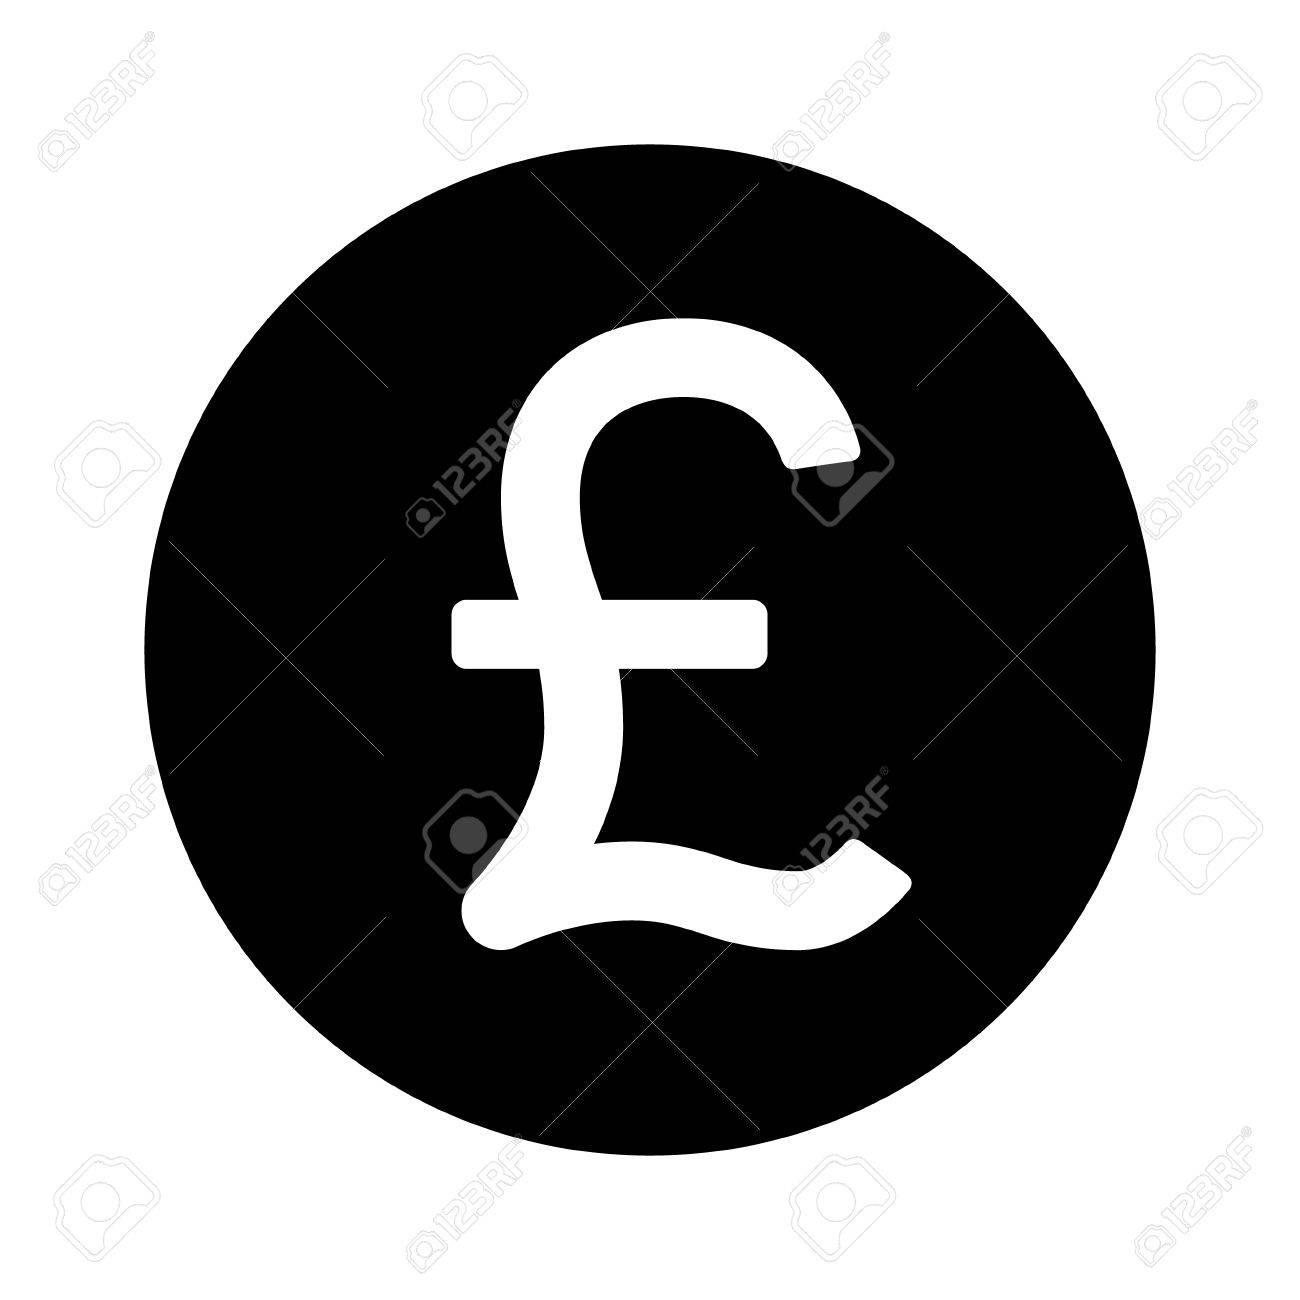 La Livre Sterling Ronde Autour De L Icone Plate Symbole De Monnaie Pour Les Applications Et Les Sites Web